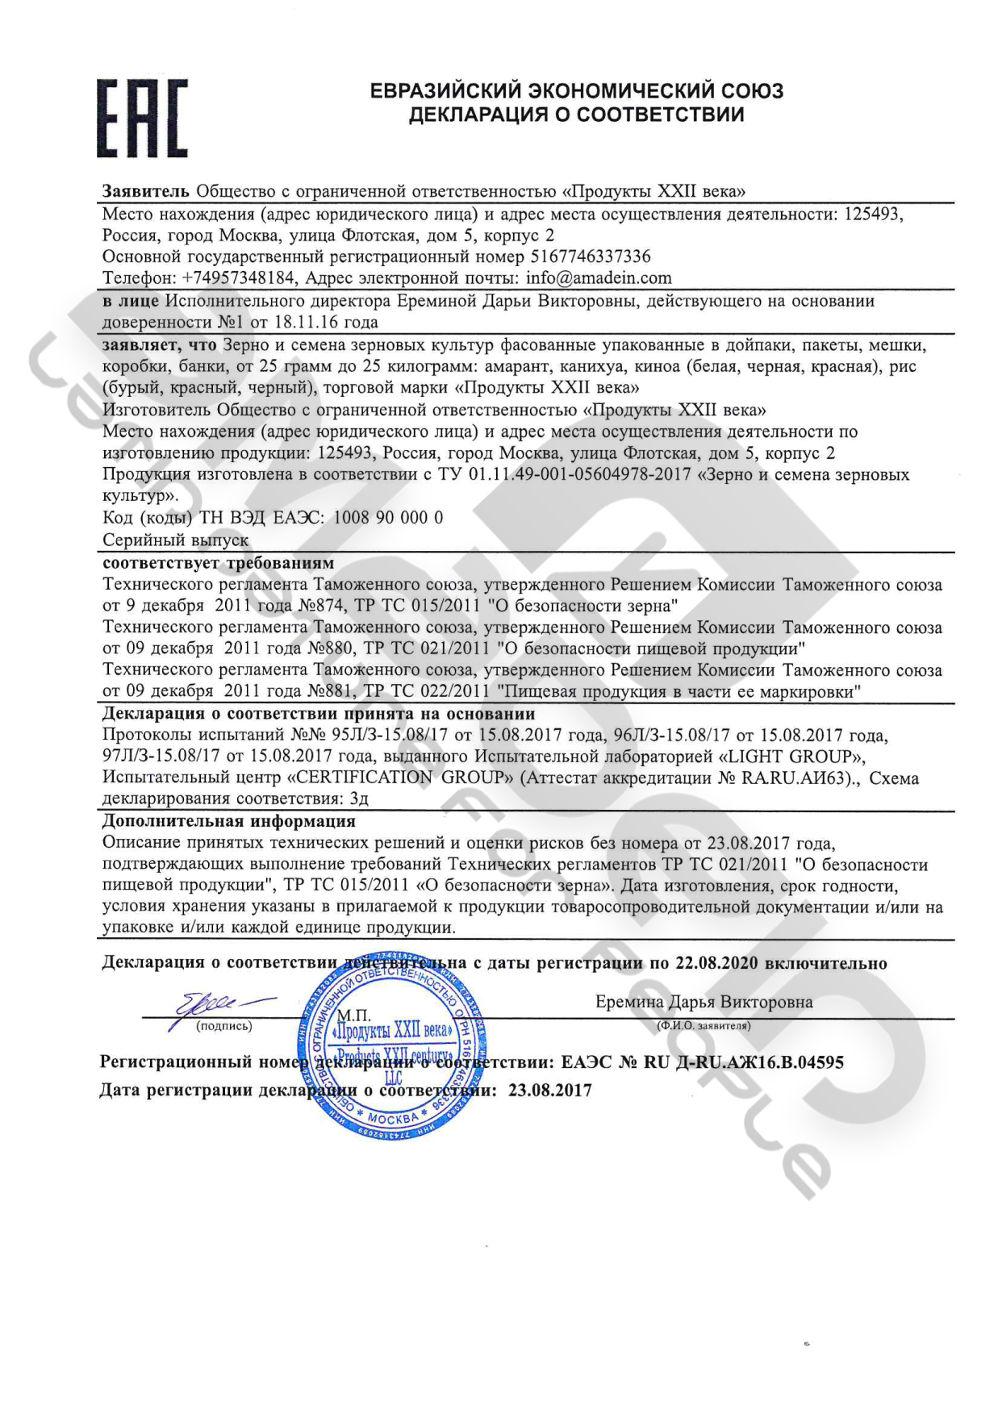 Декларация соответствия на сырой амарант